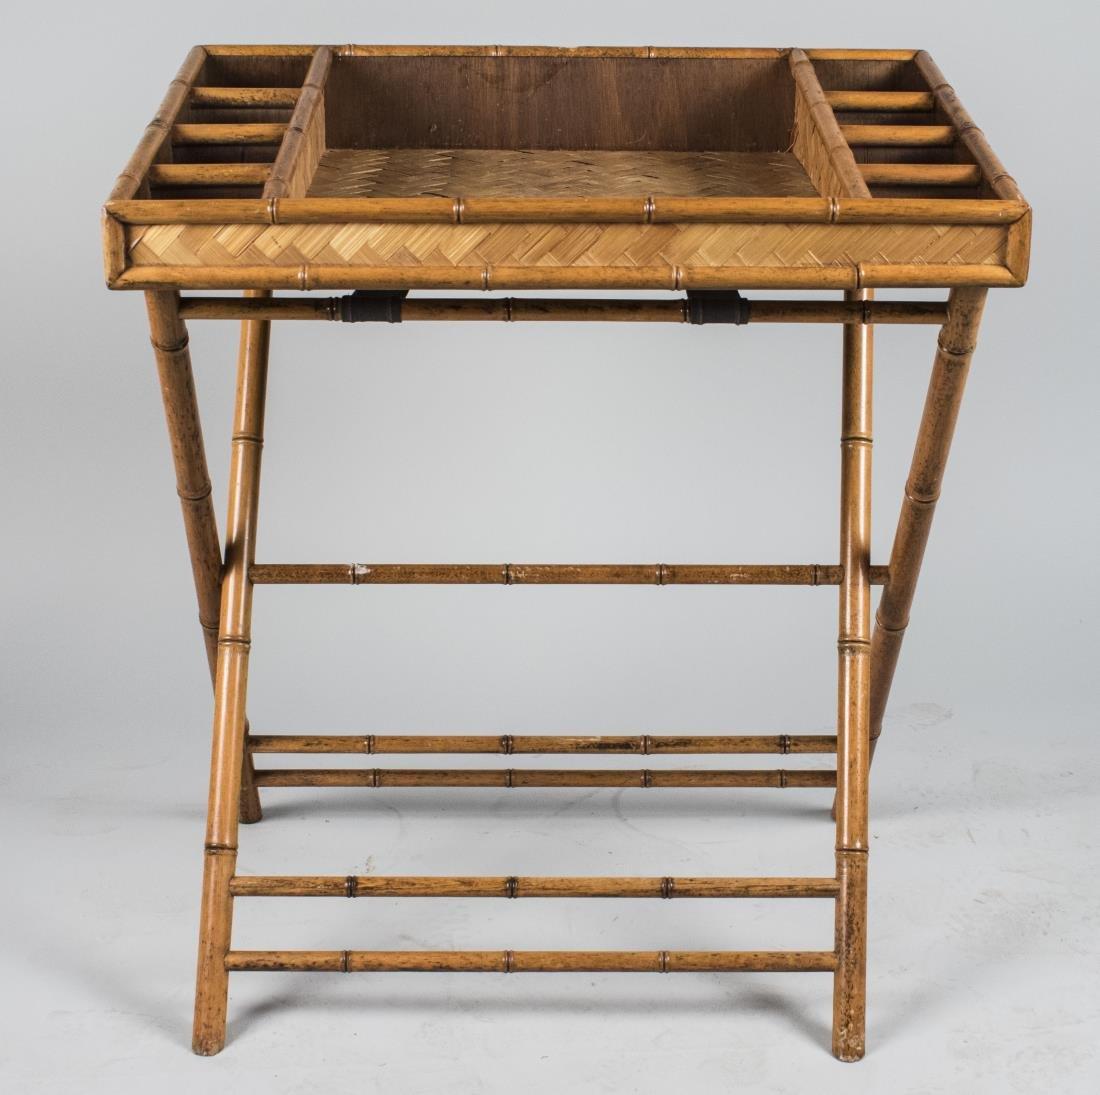 Faux Bamboo Folding Bar / Tray Table